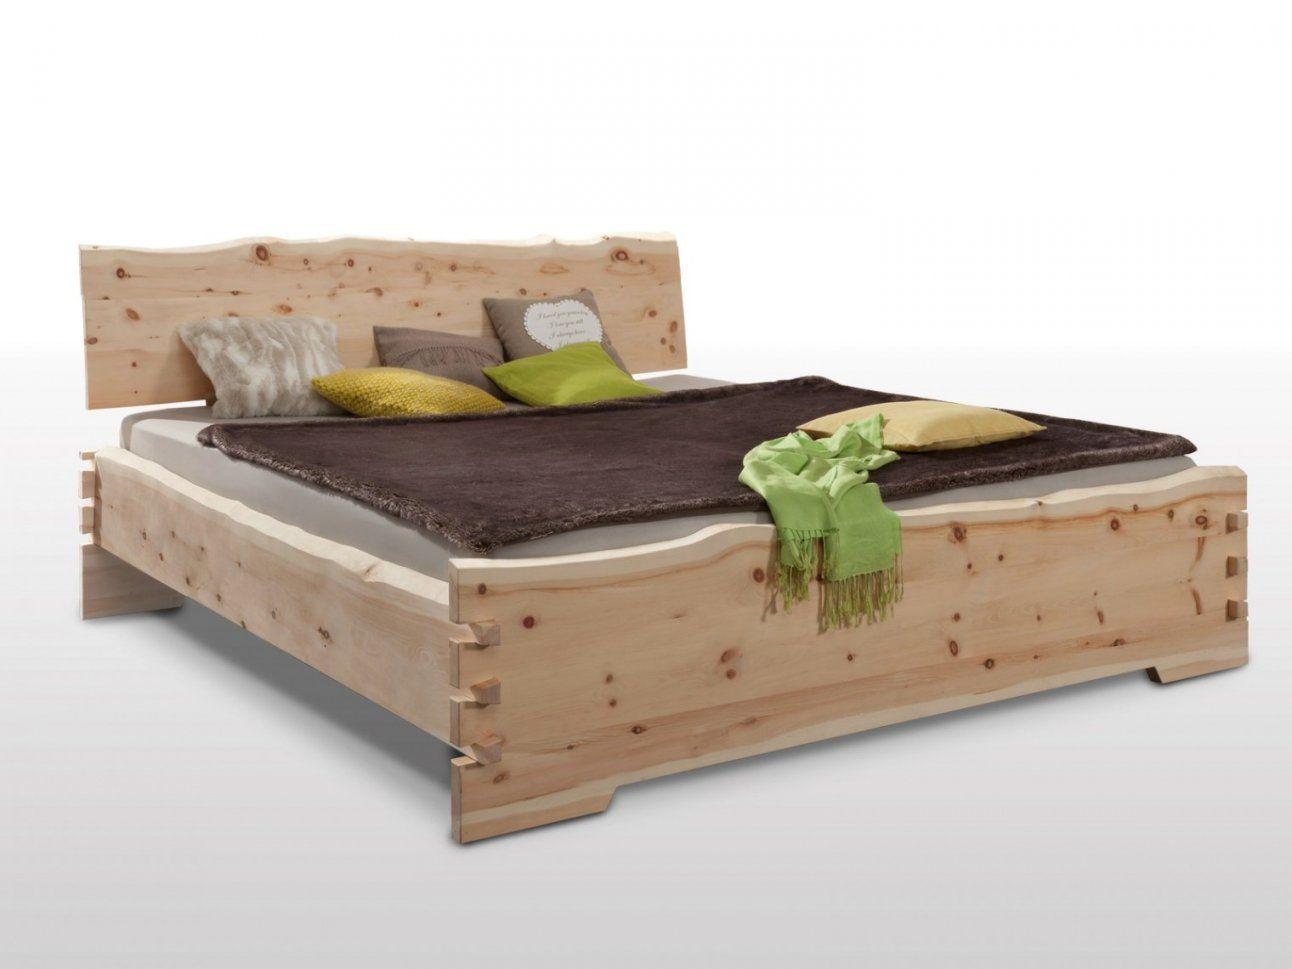 Cool Balkenbett Bauanleitung Für Bett Bauanleitung  Betten Ideen von Bett Aus Balken Bauanleitung Bild